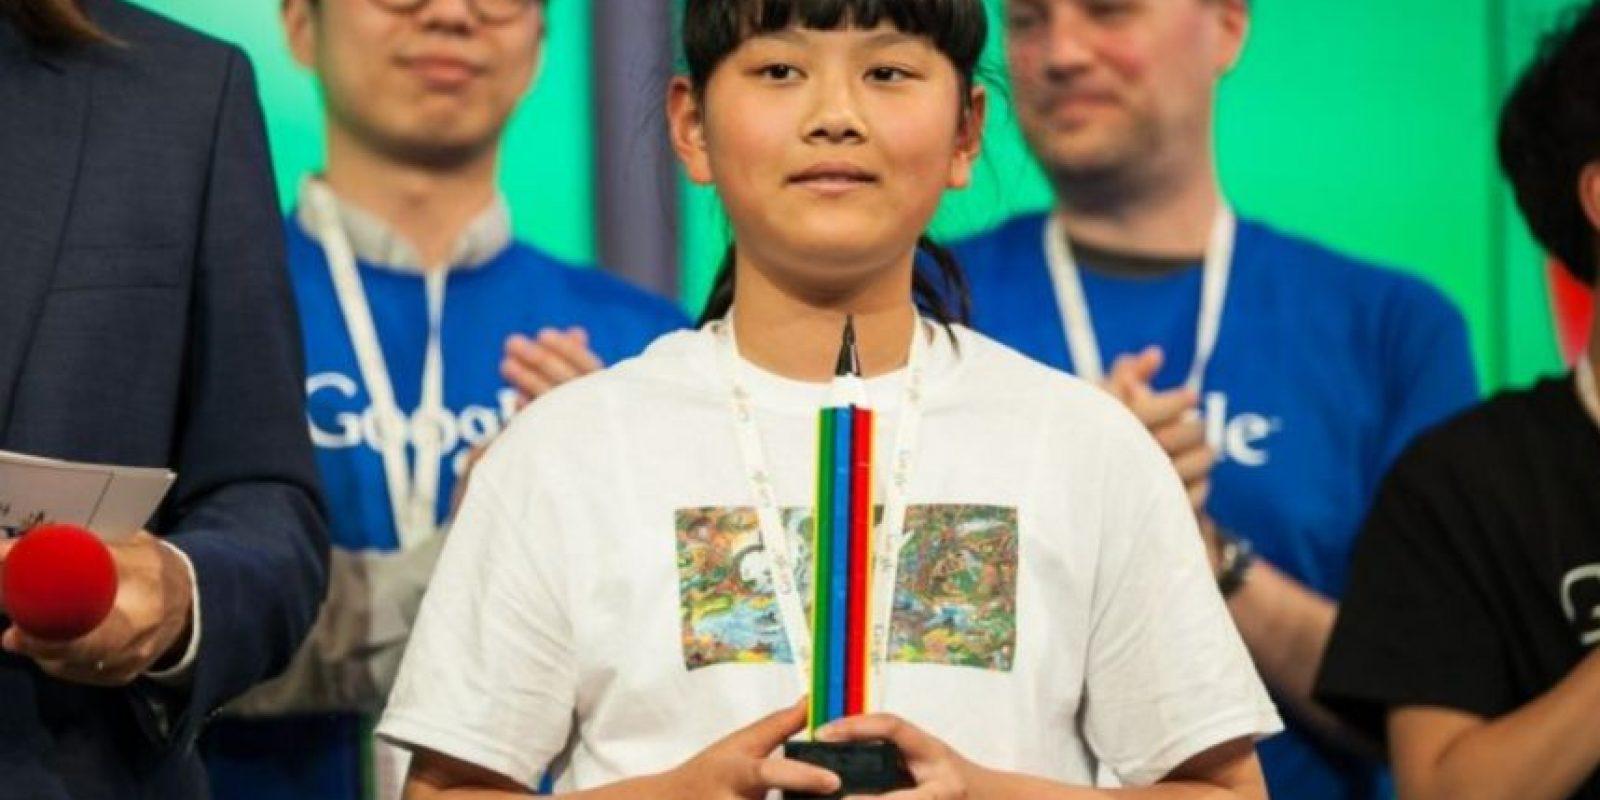 """Audrey Zhang, la ganadora con su dibujo """"Back to Mother Nature"""" de entre más de 100 mil niños participantes menores de 12 años. Foto:Google"""